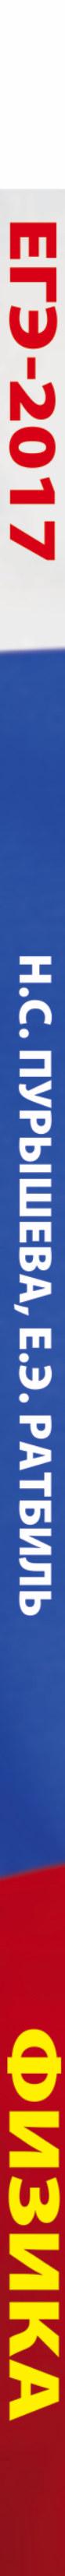 ЕГЭ-2017. Физика. 10 тренировочных вариантов экзаменационных работ для подготовки к единому государственному экзамену